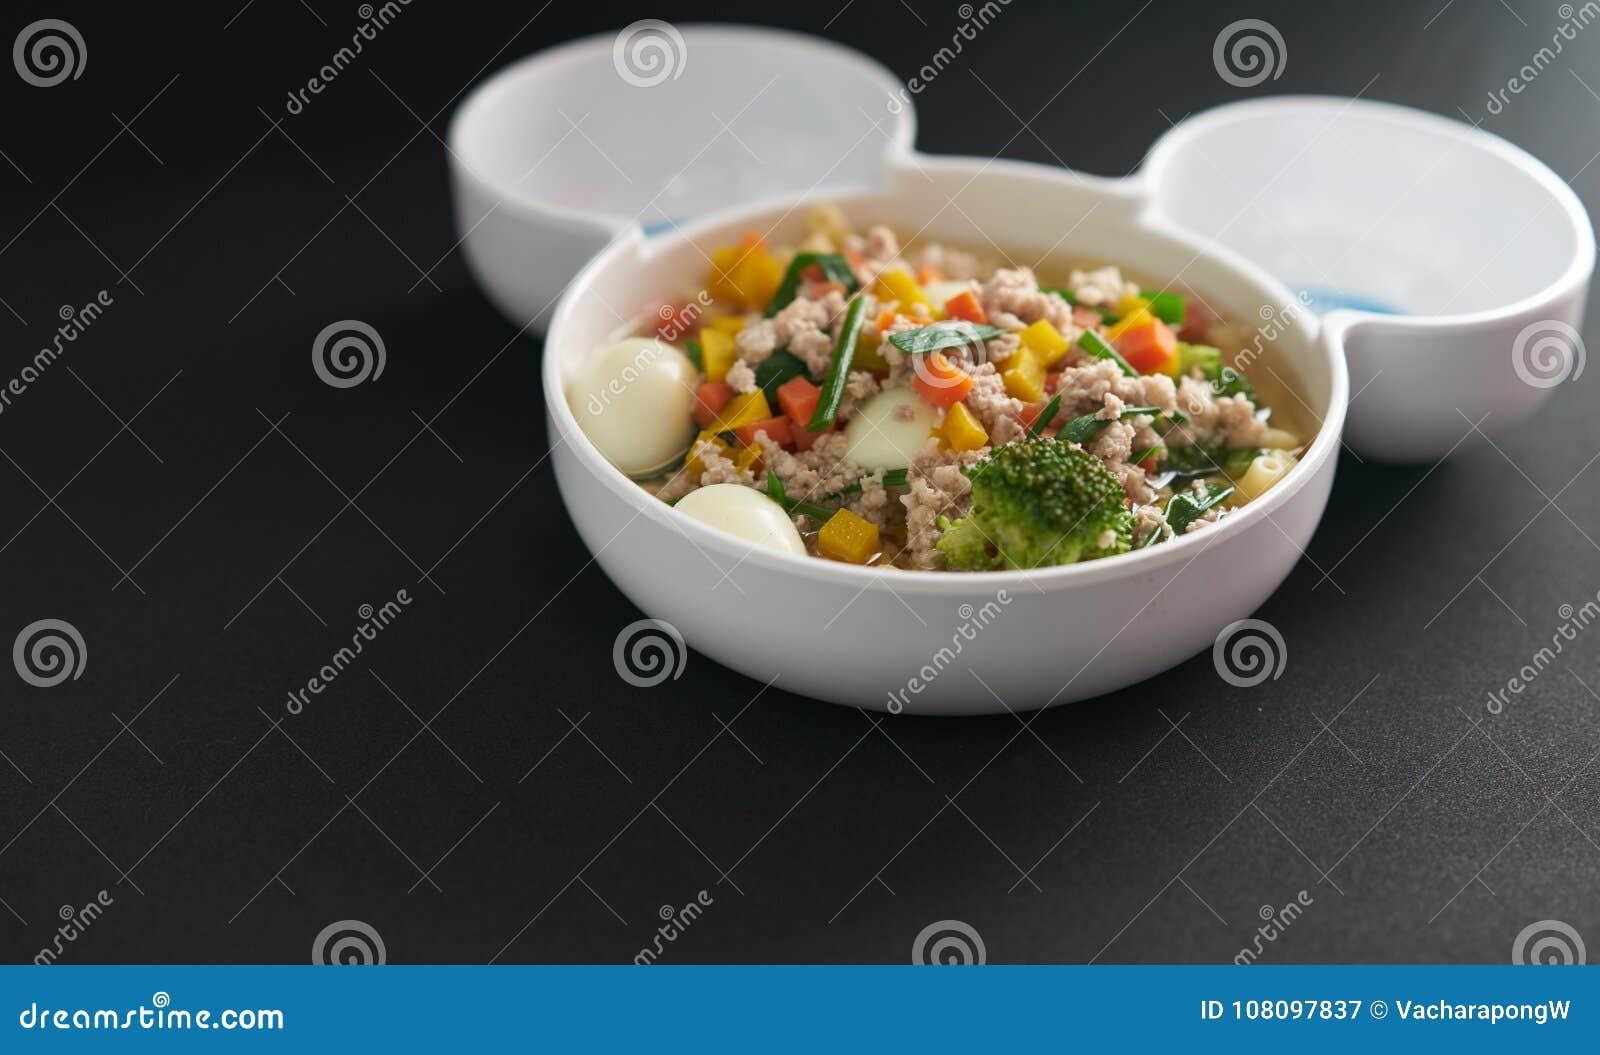 Egg vegetable and pork soup on black background